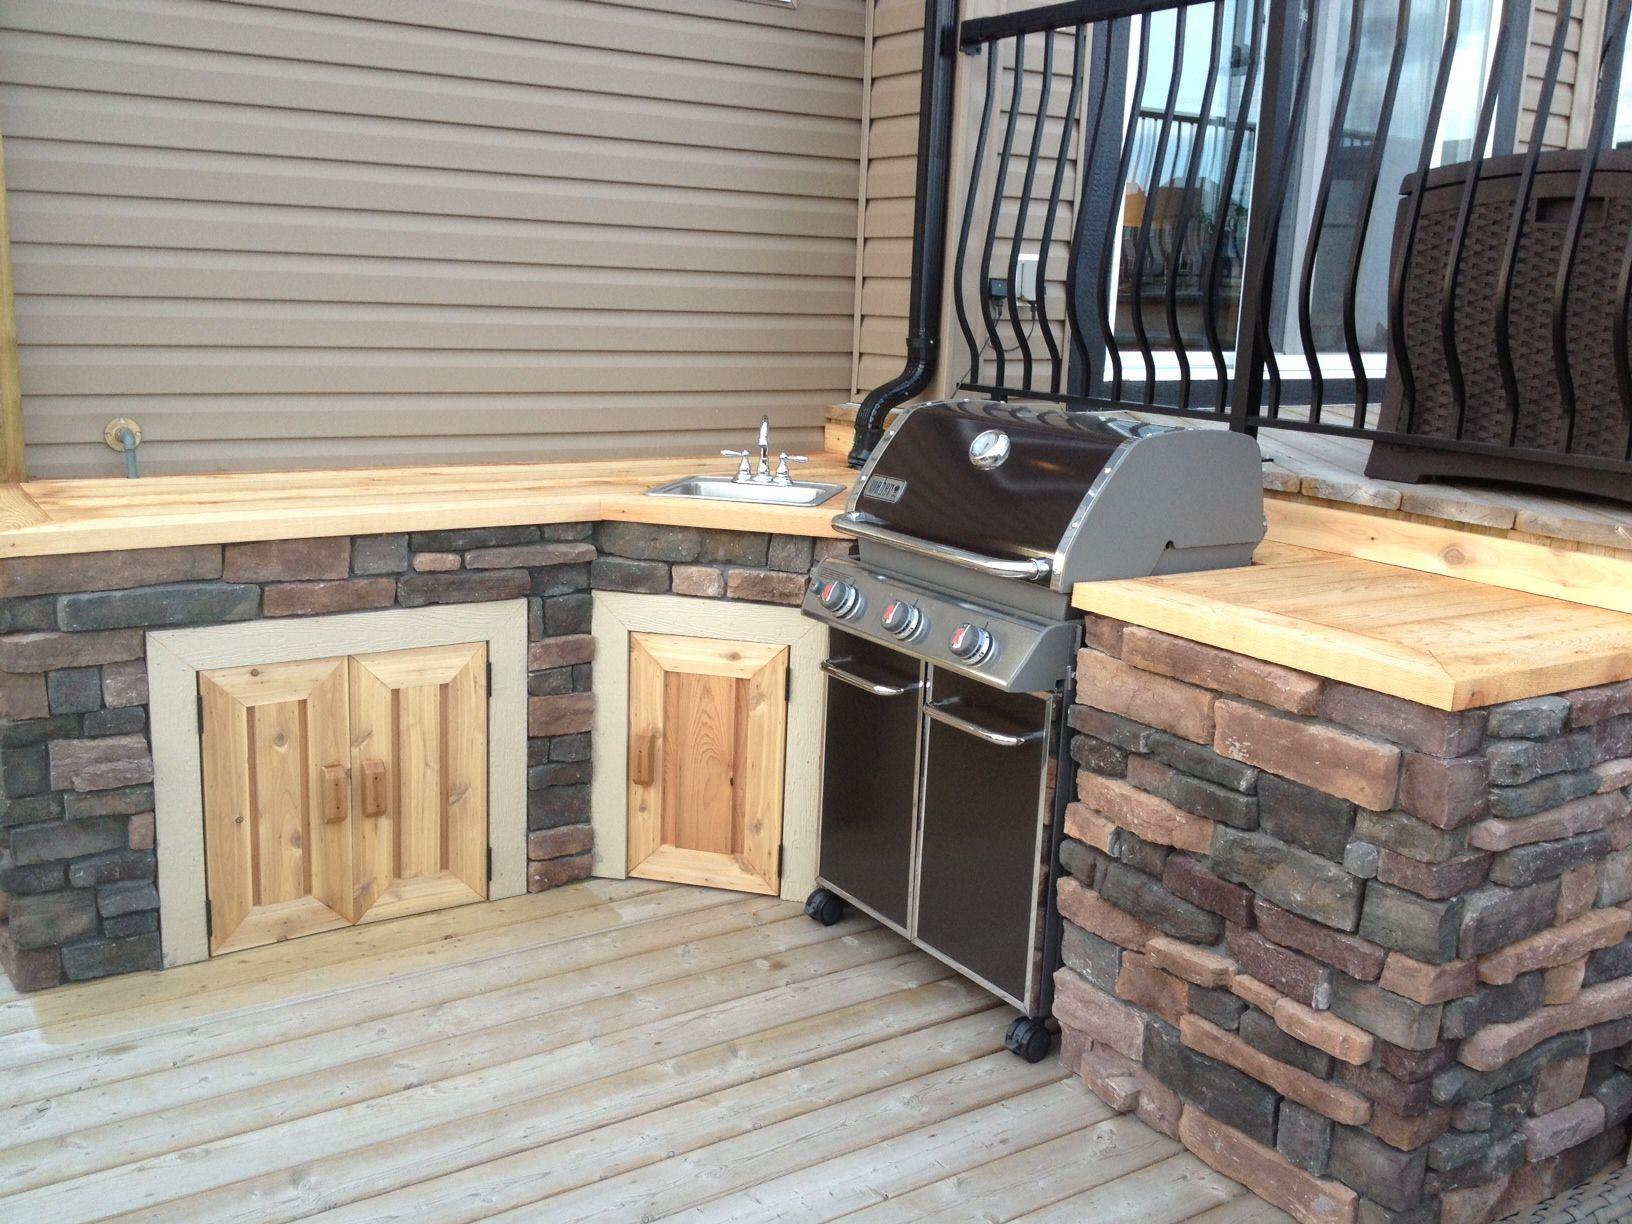 outdoor kitchen with cedar cultured stone www thelittledecker ca outdoor kitchen wood deck on outdoor kitchen on deck id=85705